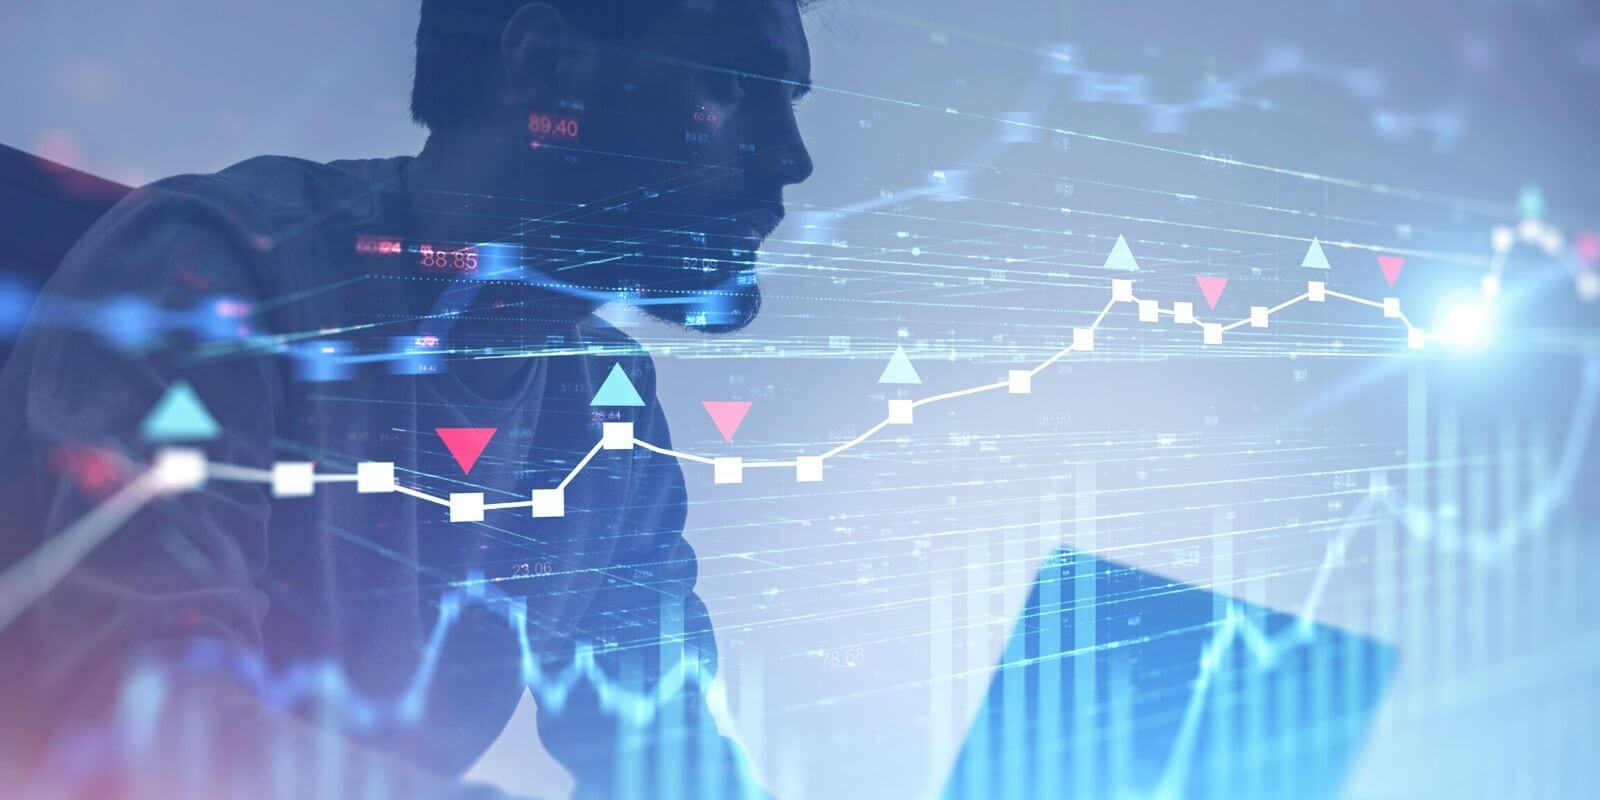 Comment utiliser les moyennes mobiles pour faire du trading ?